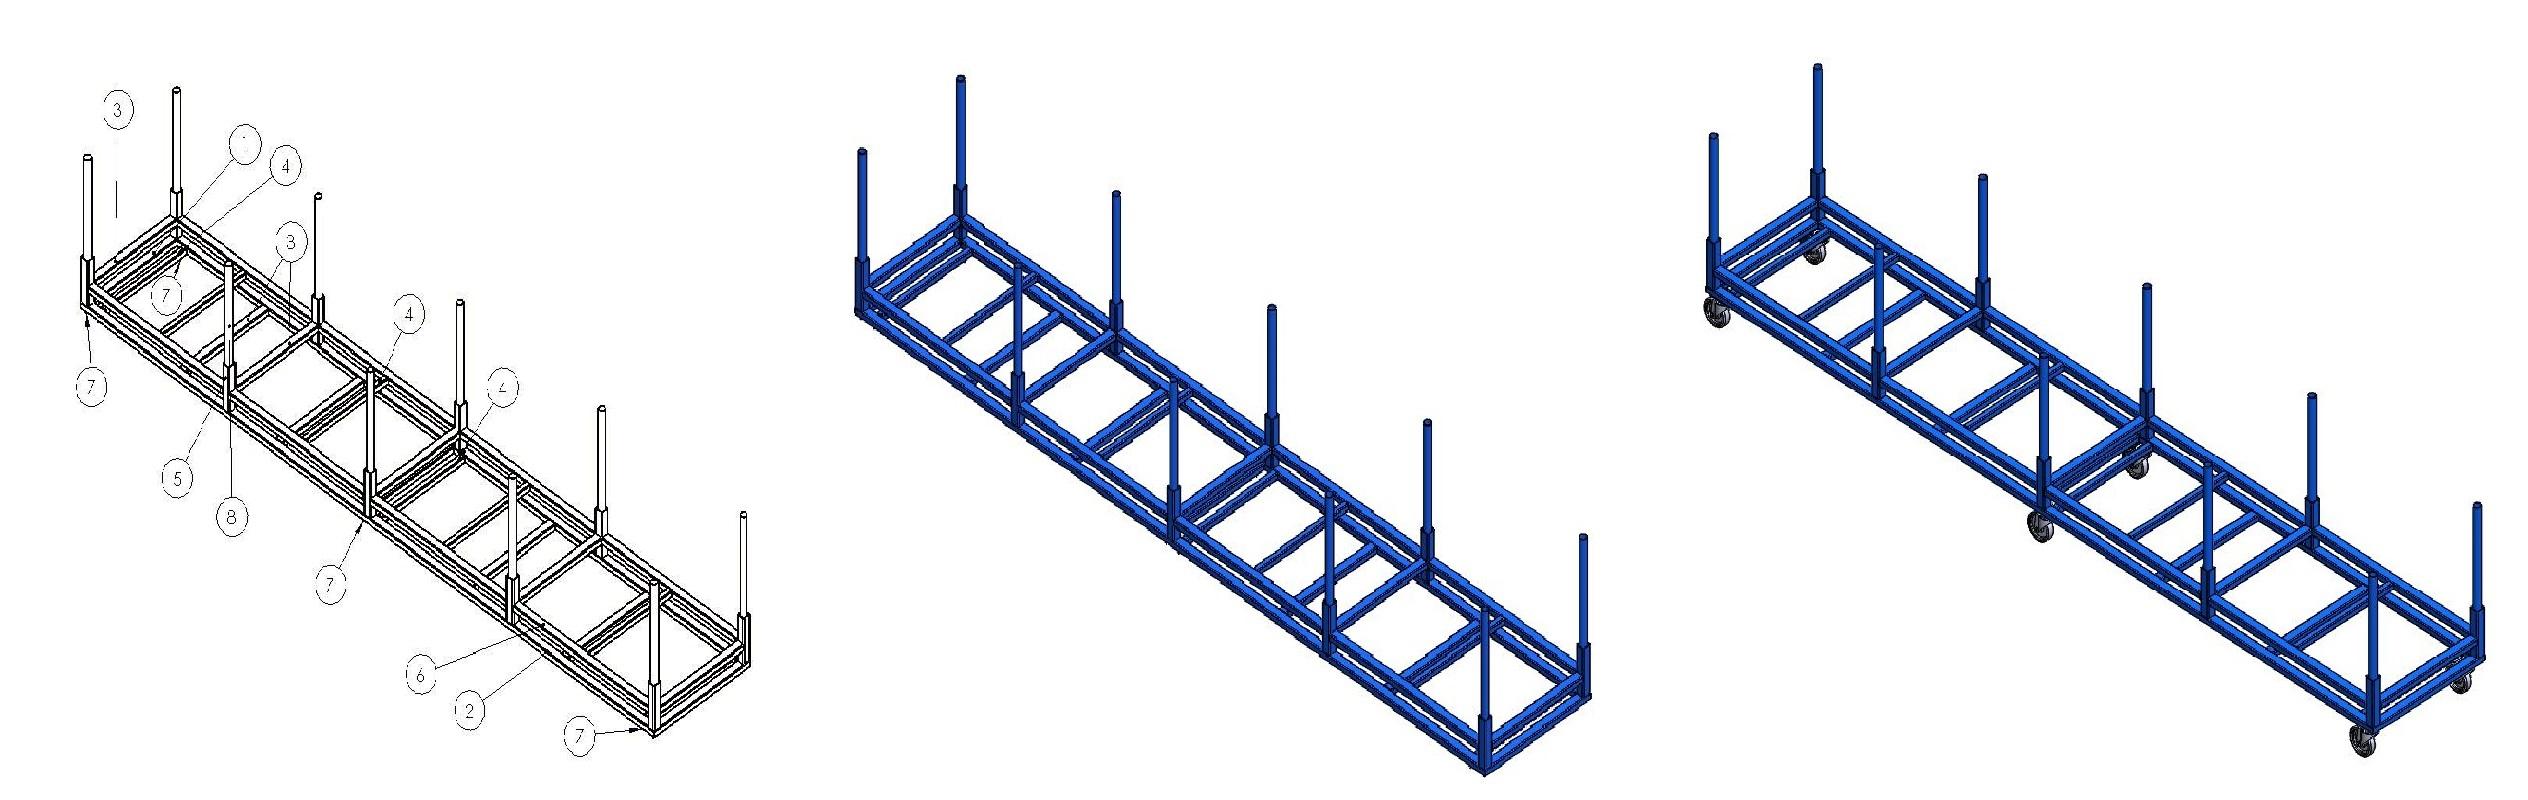 Entwicklung-eines-Langgutgestelles-von-Malewicz